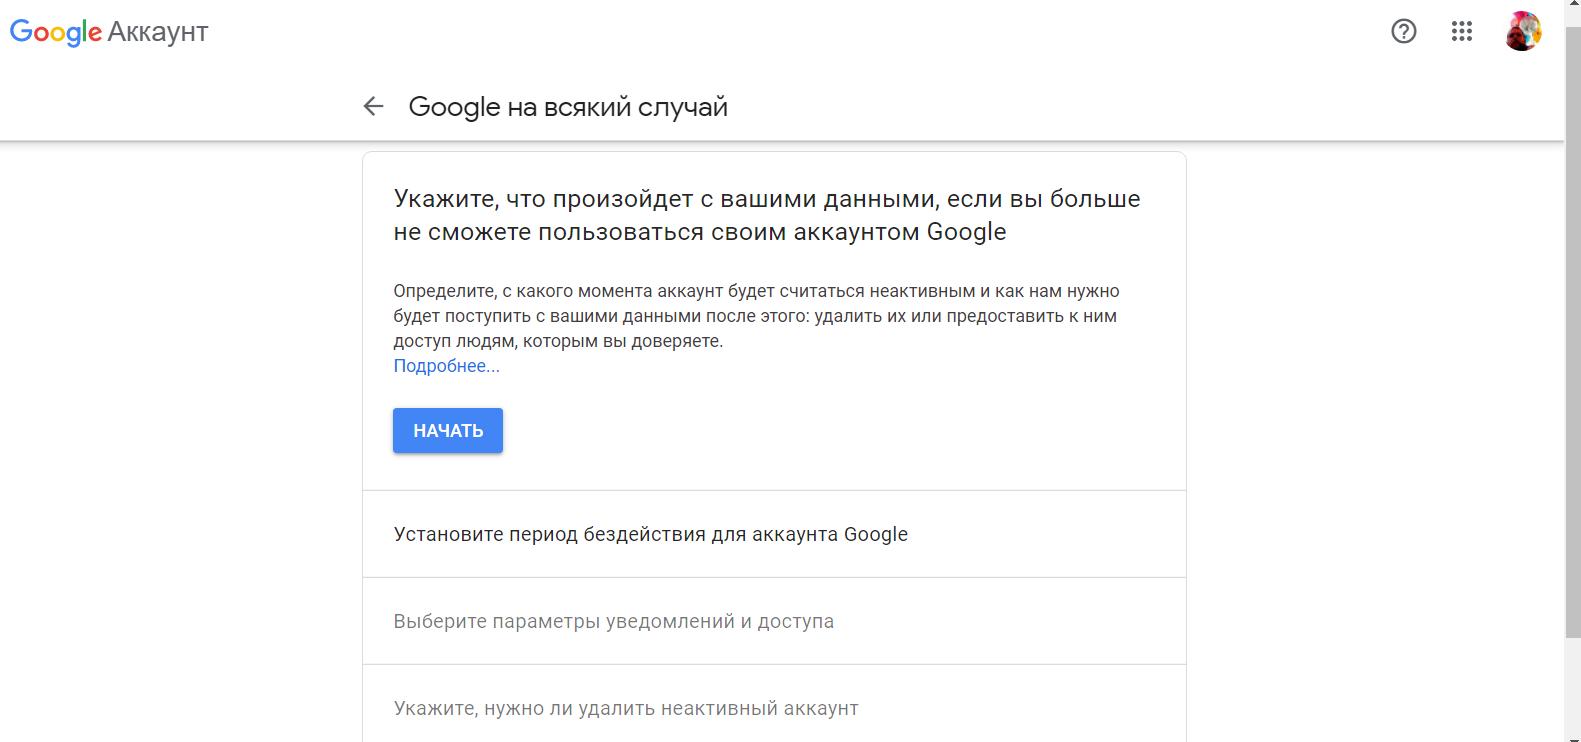 Screenshot (10).png (99 KB)